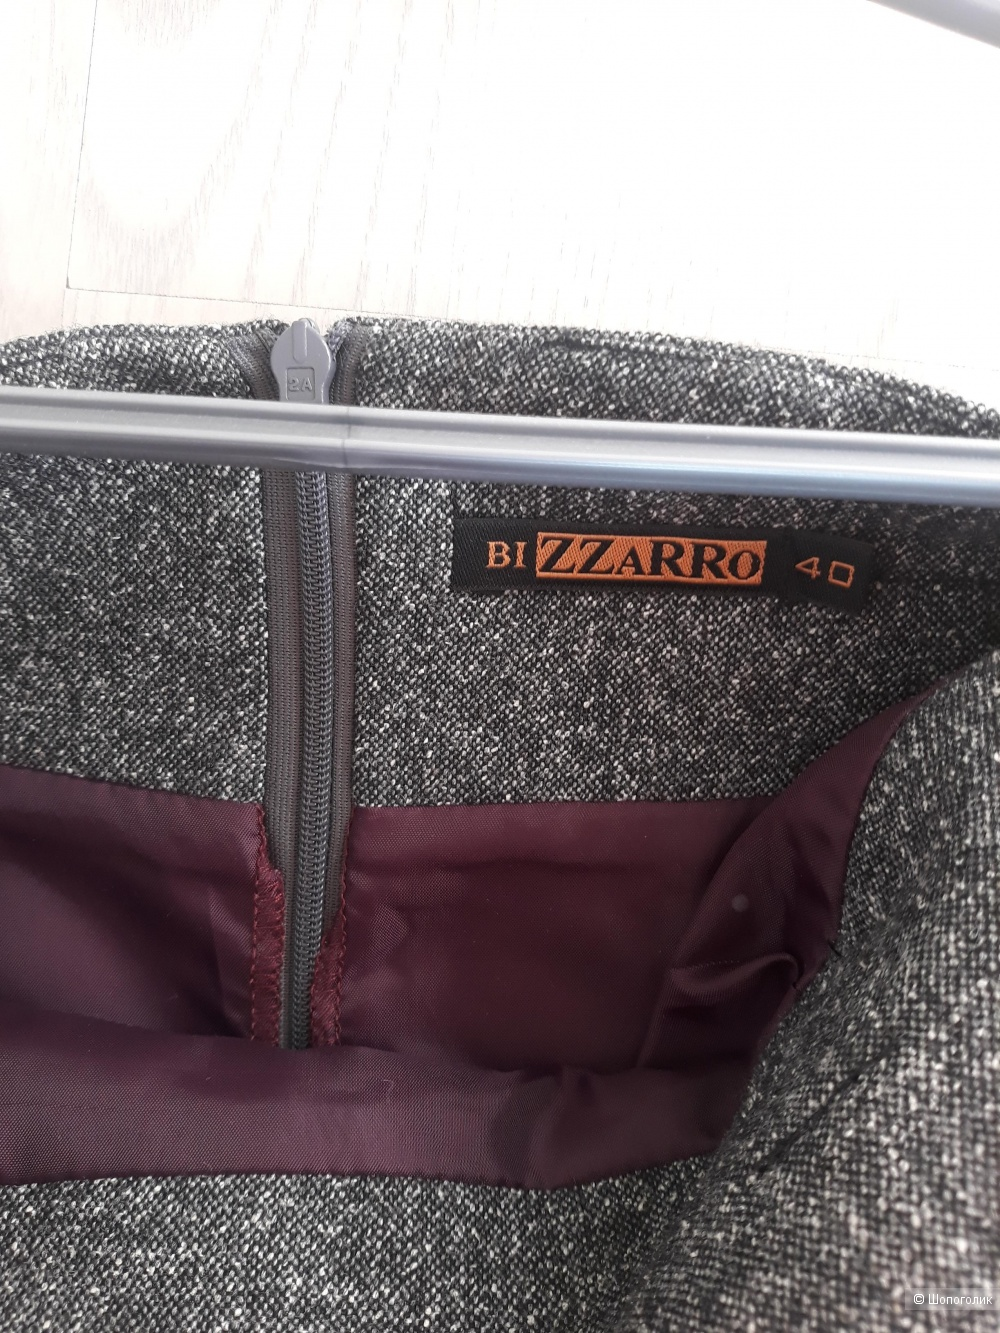 Юбка Bizzarro, размер XS